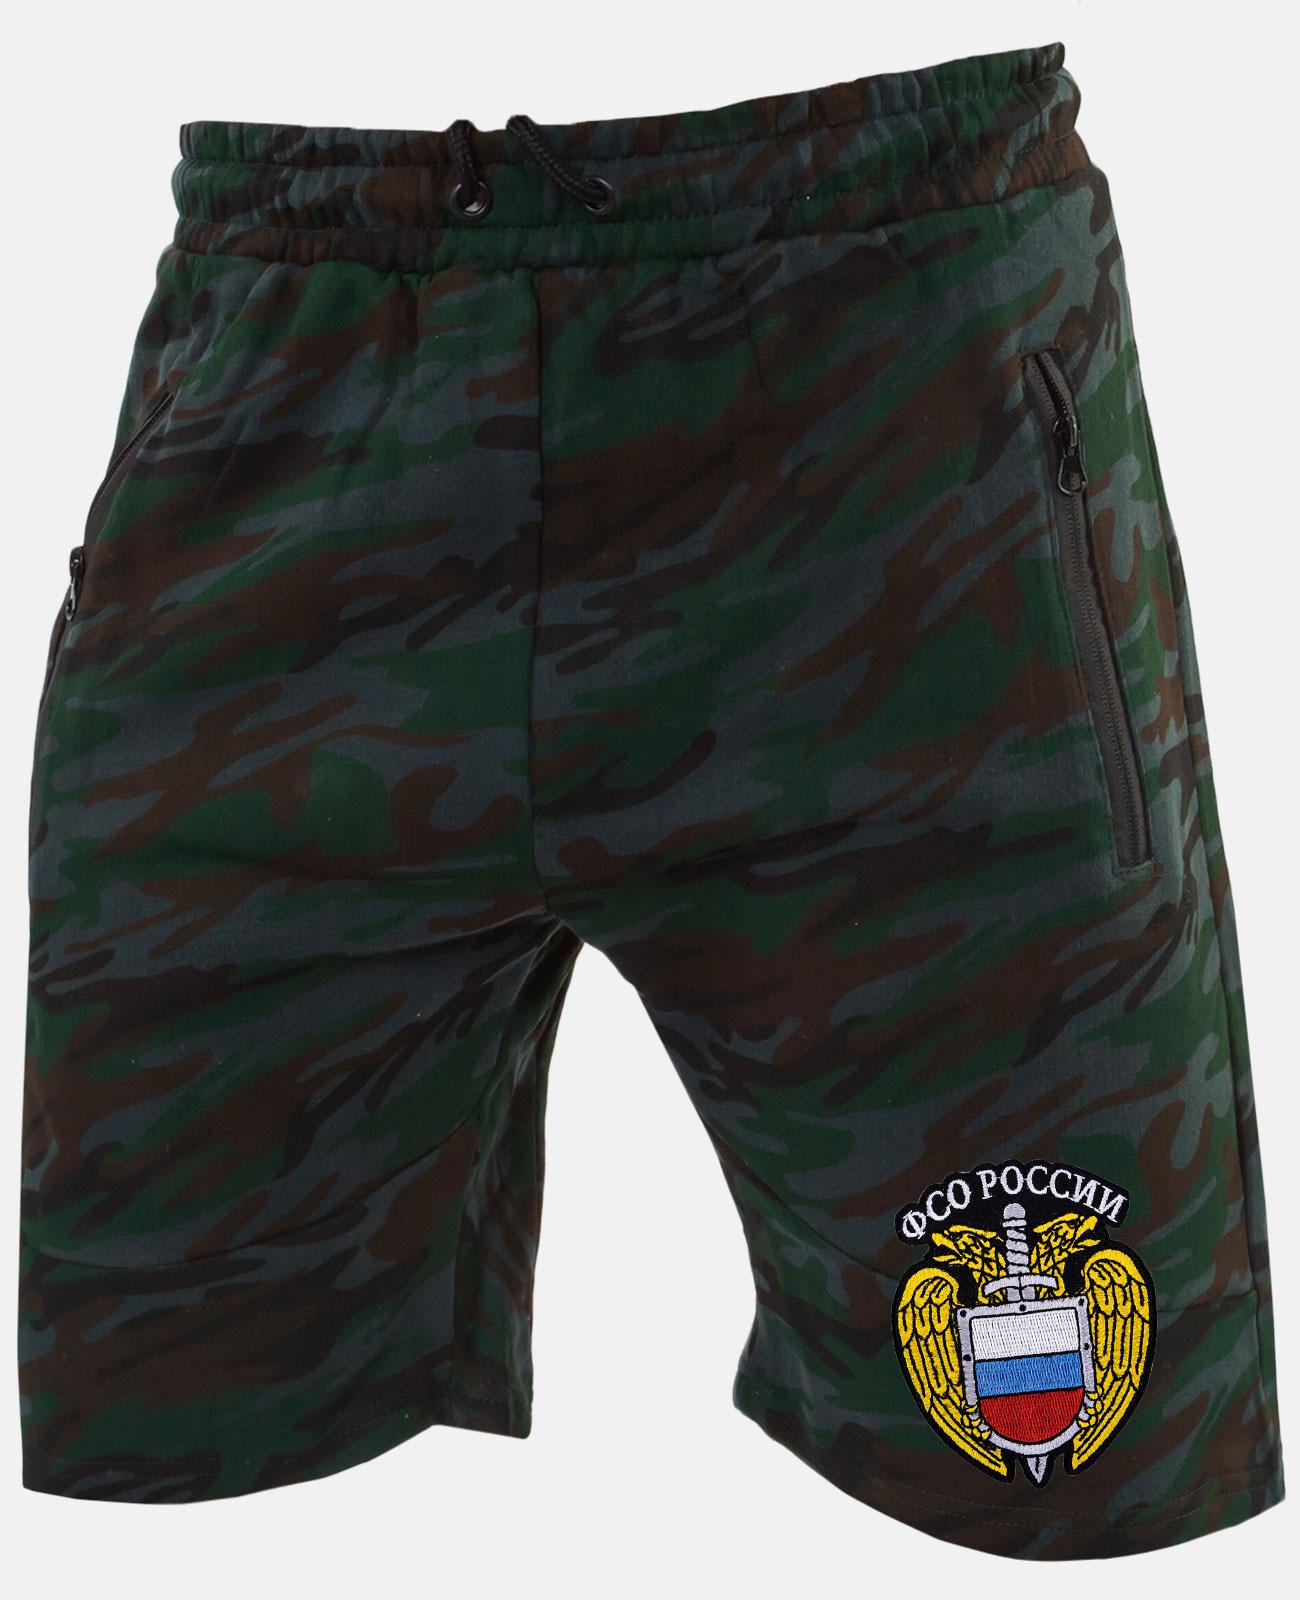 Купить крутые мужские шорты в армейском камуфляже